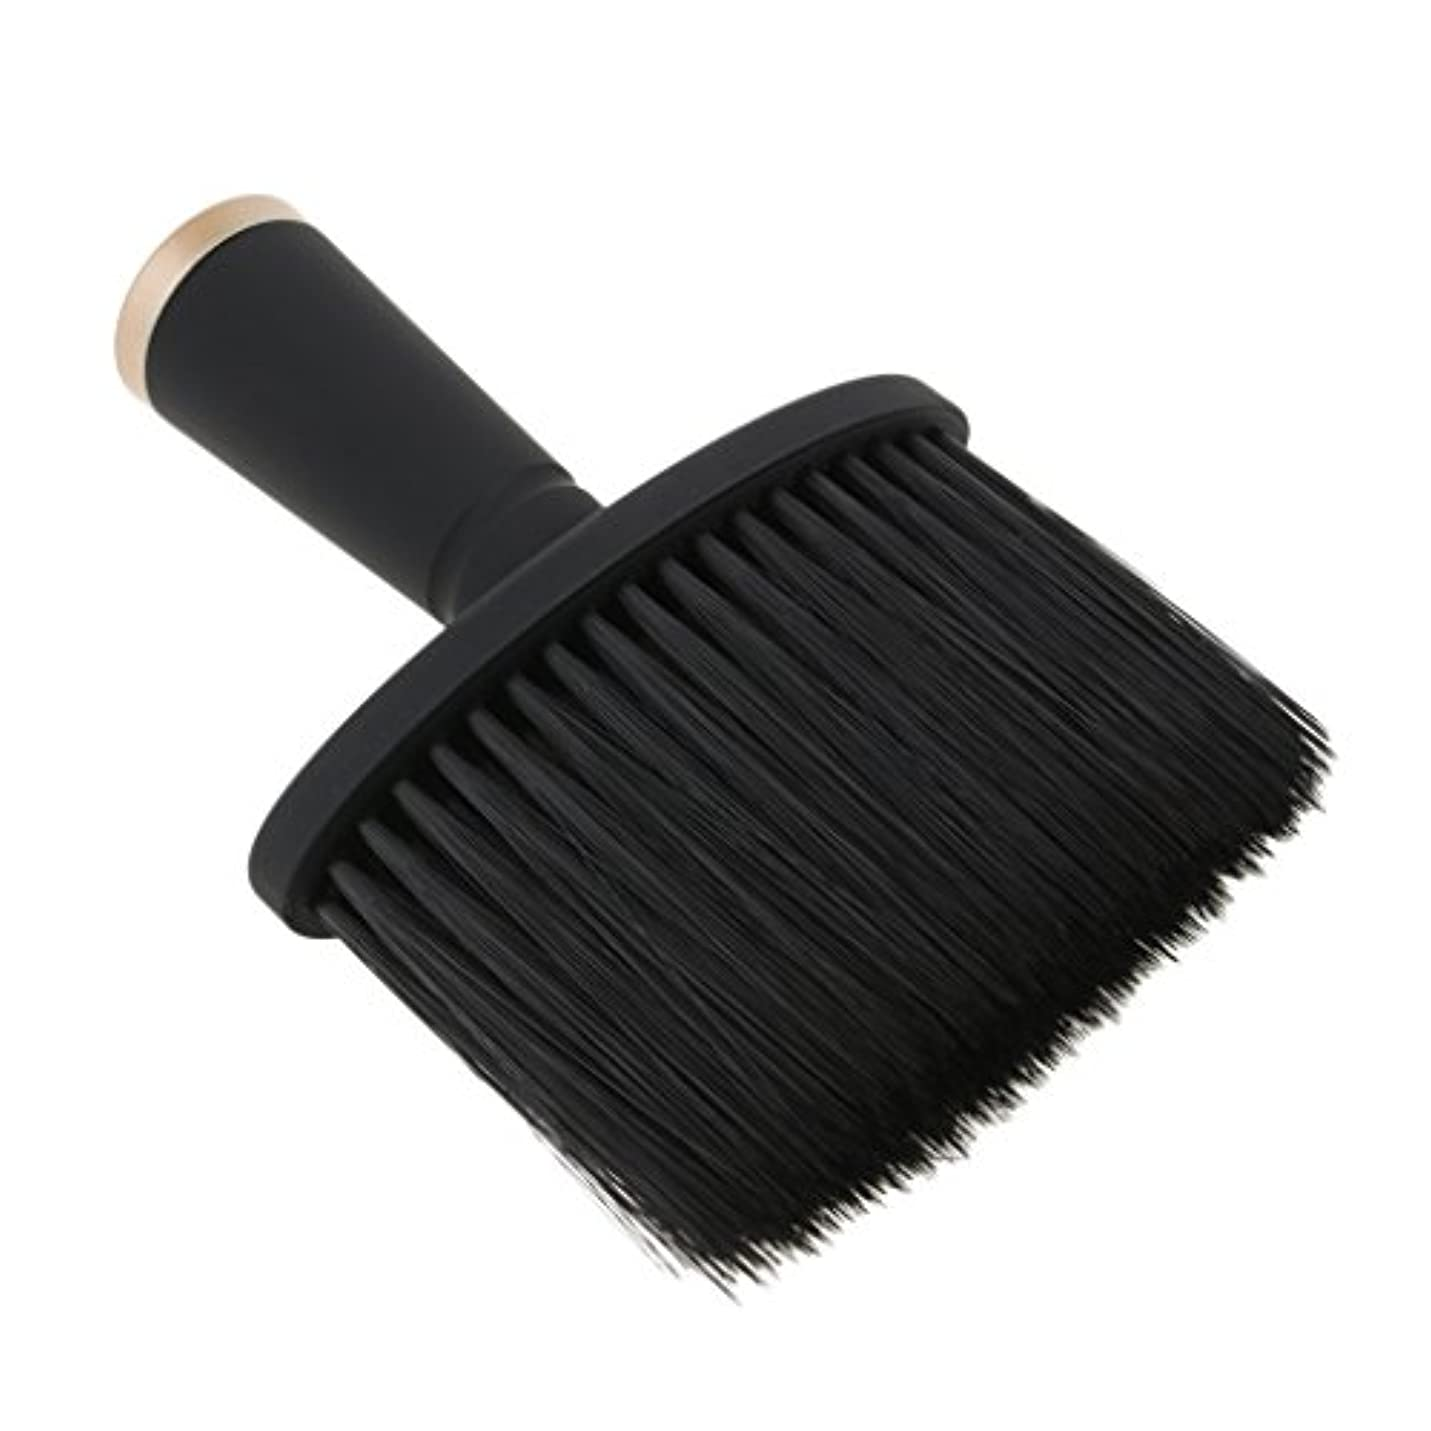 ジェスチャー汚いコットンFutuHome 専門の理髪師の首の塵払いのブラシ、毛の切断のための柔らかいクリーニングの表面ブラシ、携帯用設計 - ゴールド